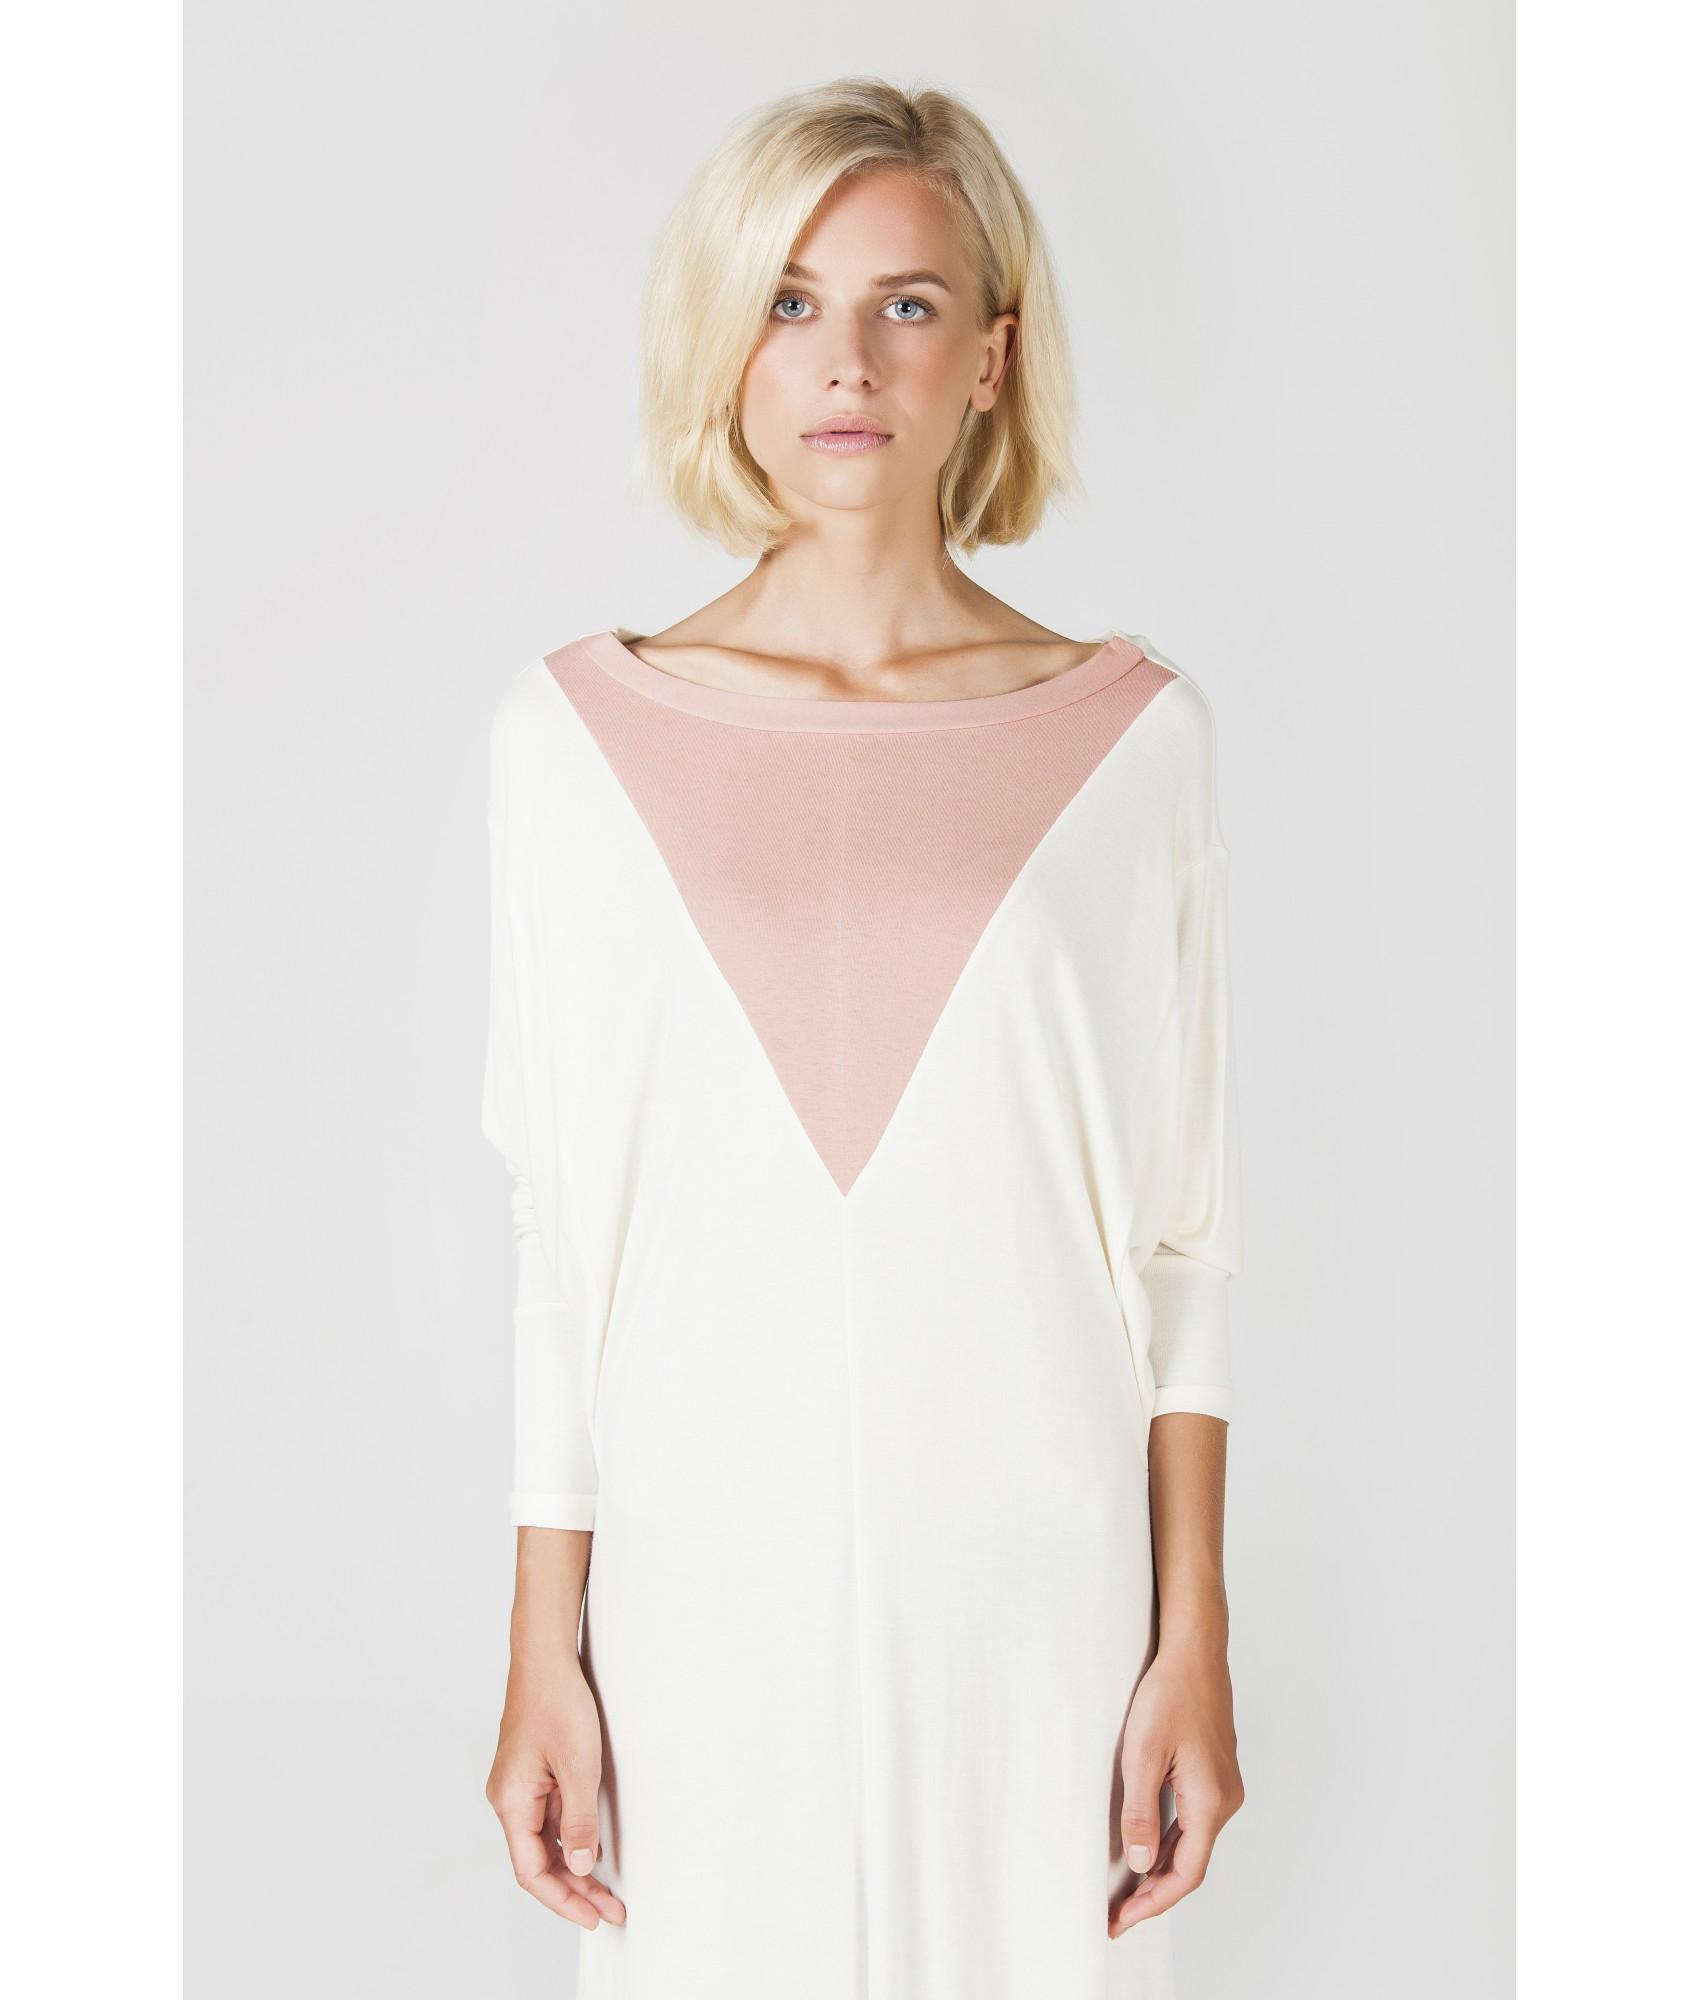 fb75b79e6d0 Bílé úpletové šaty · Bílé úpletové šaty ...